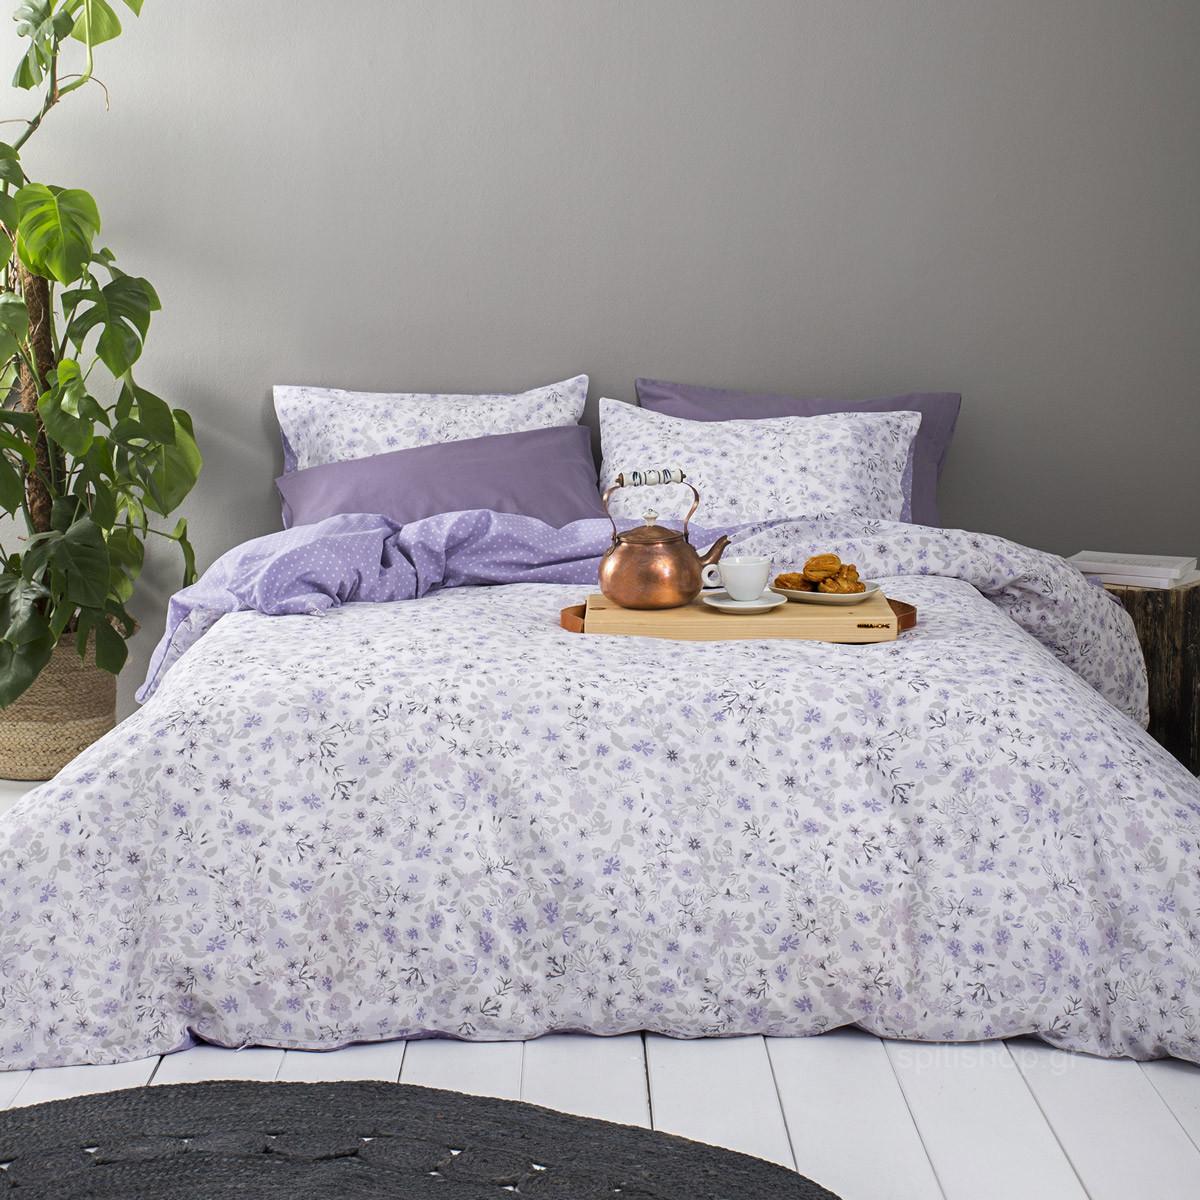 Σεντόνια Διπλά (Σετ) Nima Bed Linen Flowering home   κρεβατοκάμαρα   σεντόνια   σεντόνια ημίδιπλα   διπλά